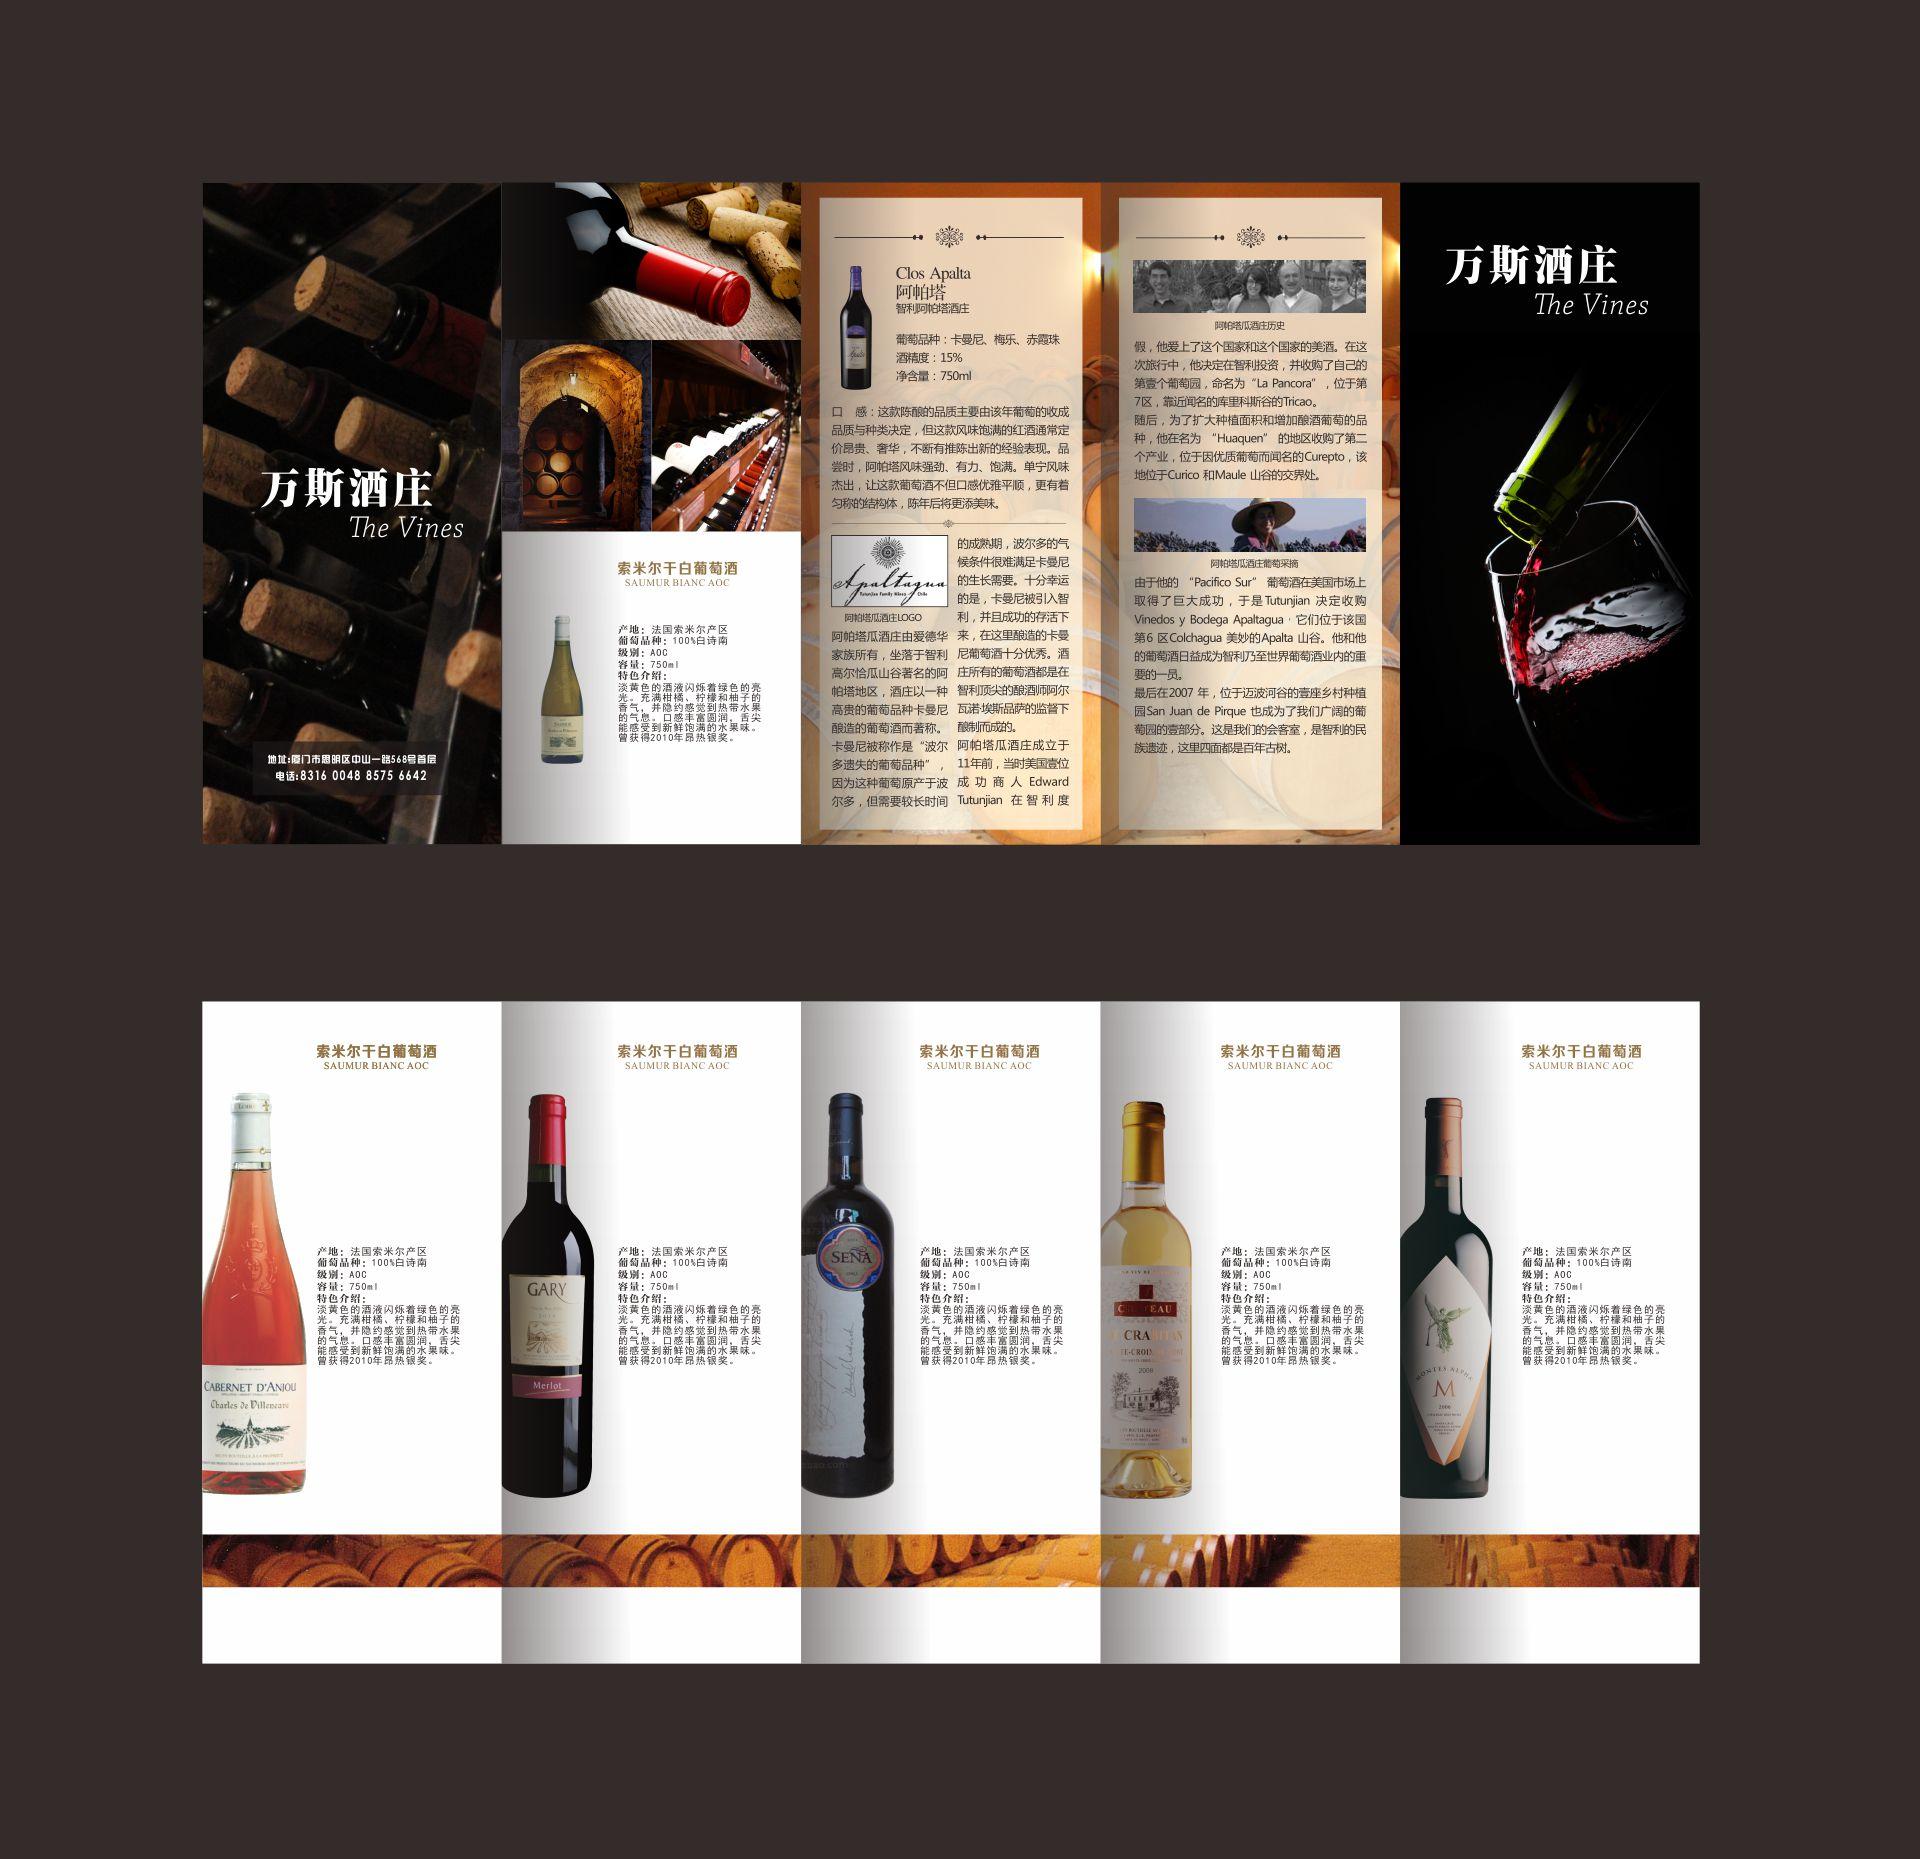 红酒产品宣传折页练习图片